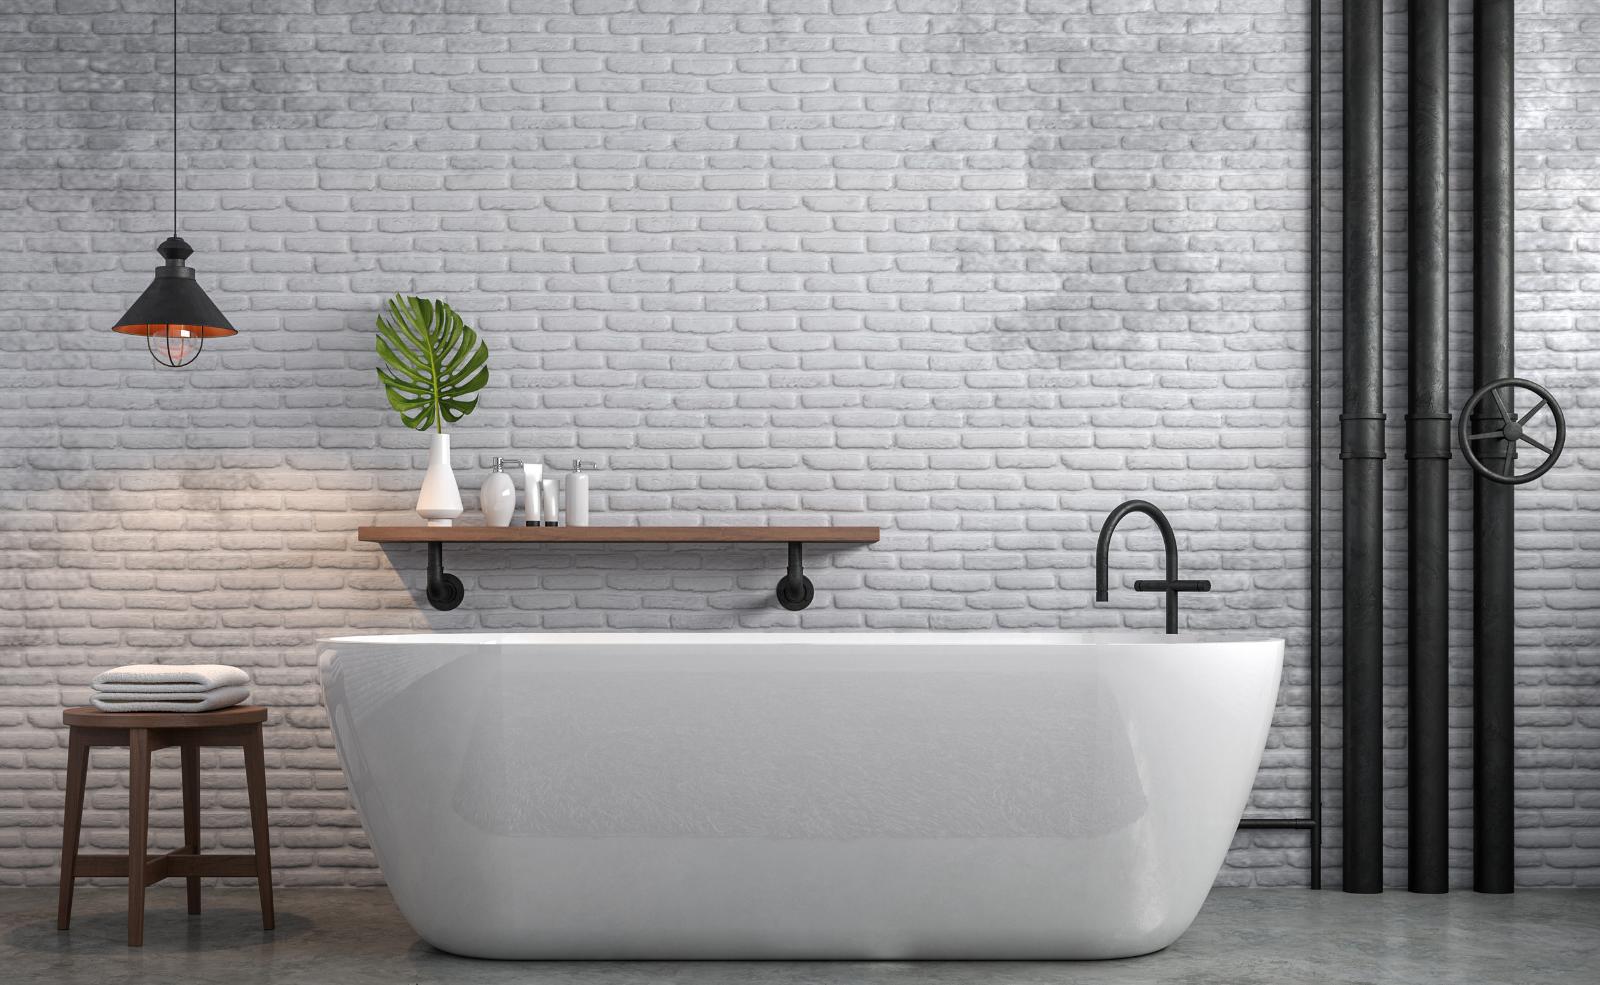 Du wünschst dir Veränderung in deinem Badezimmer? Deine alten Fliesen kannst du ganz einfach überstreichen.